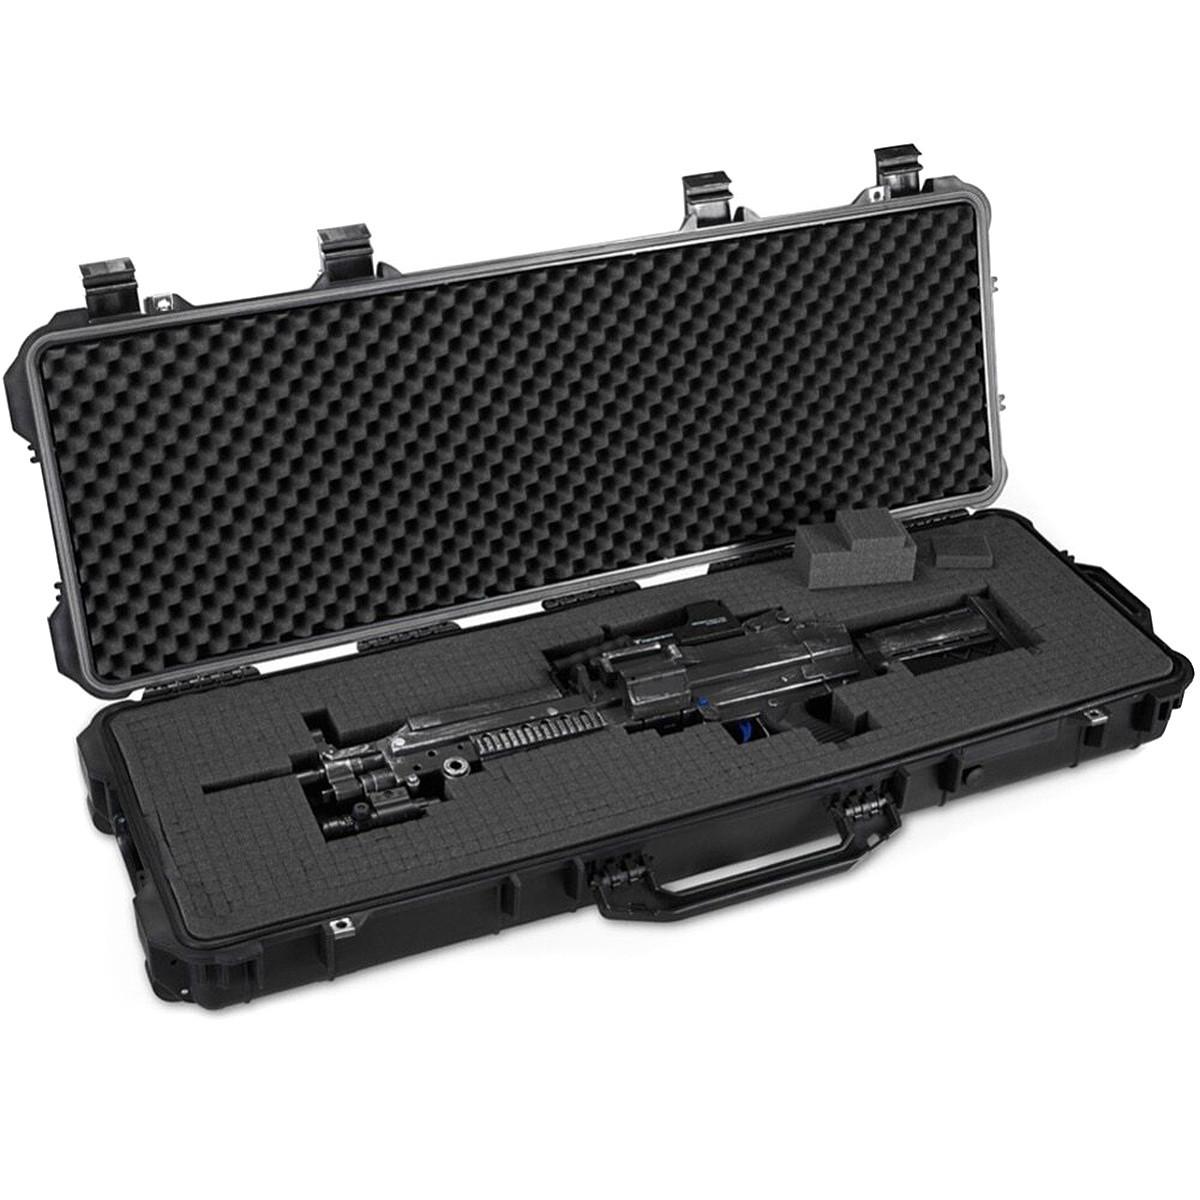 Duża walizka na broń z zaworem wyrównawczym